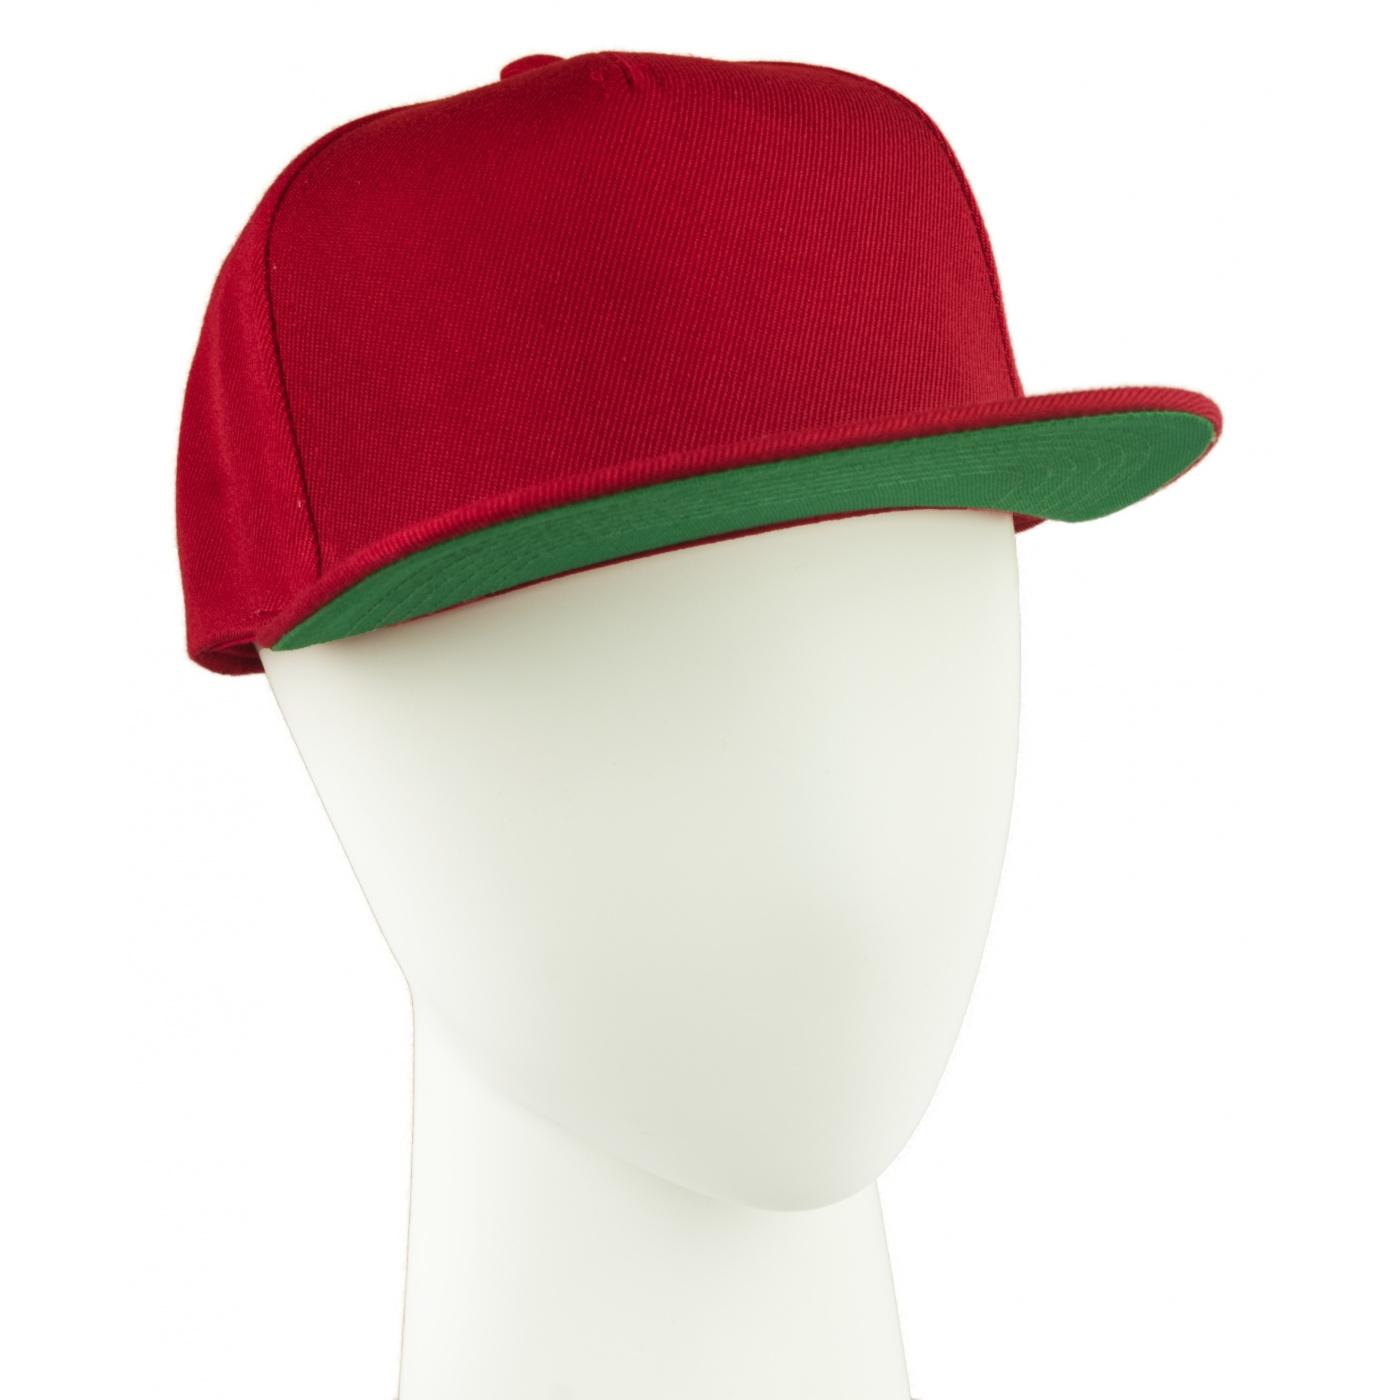 Czapka fullcap z dwukolorowym daszkiem – czerwony/zielony